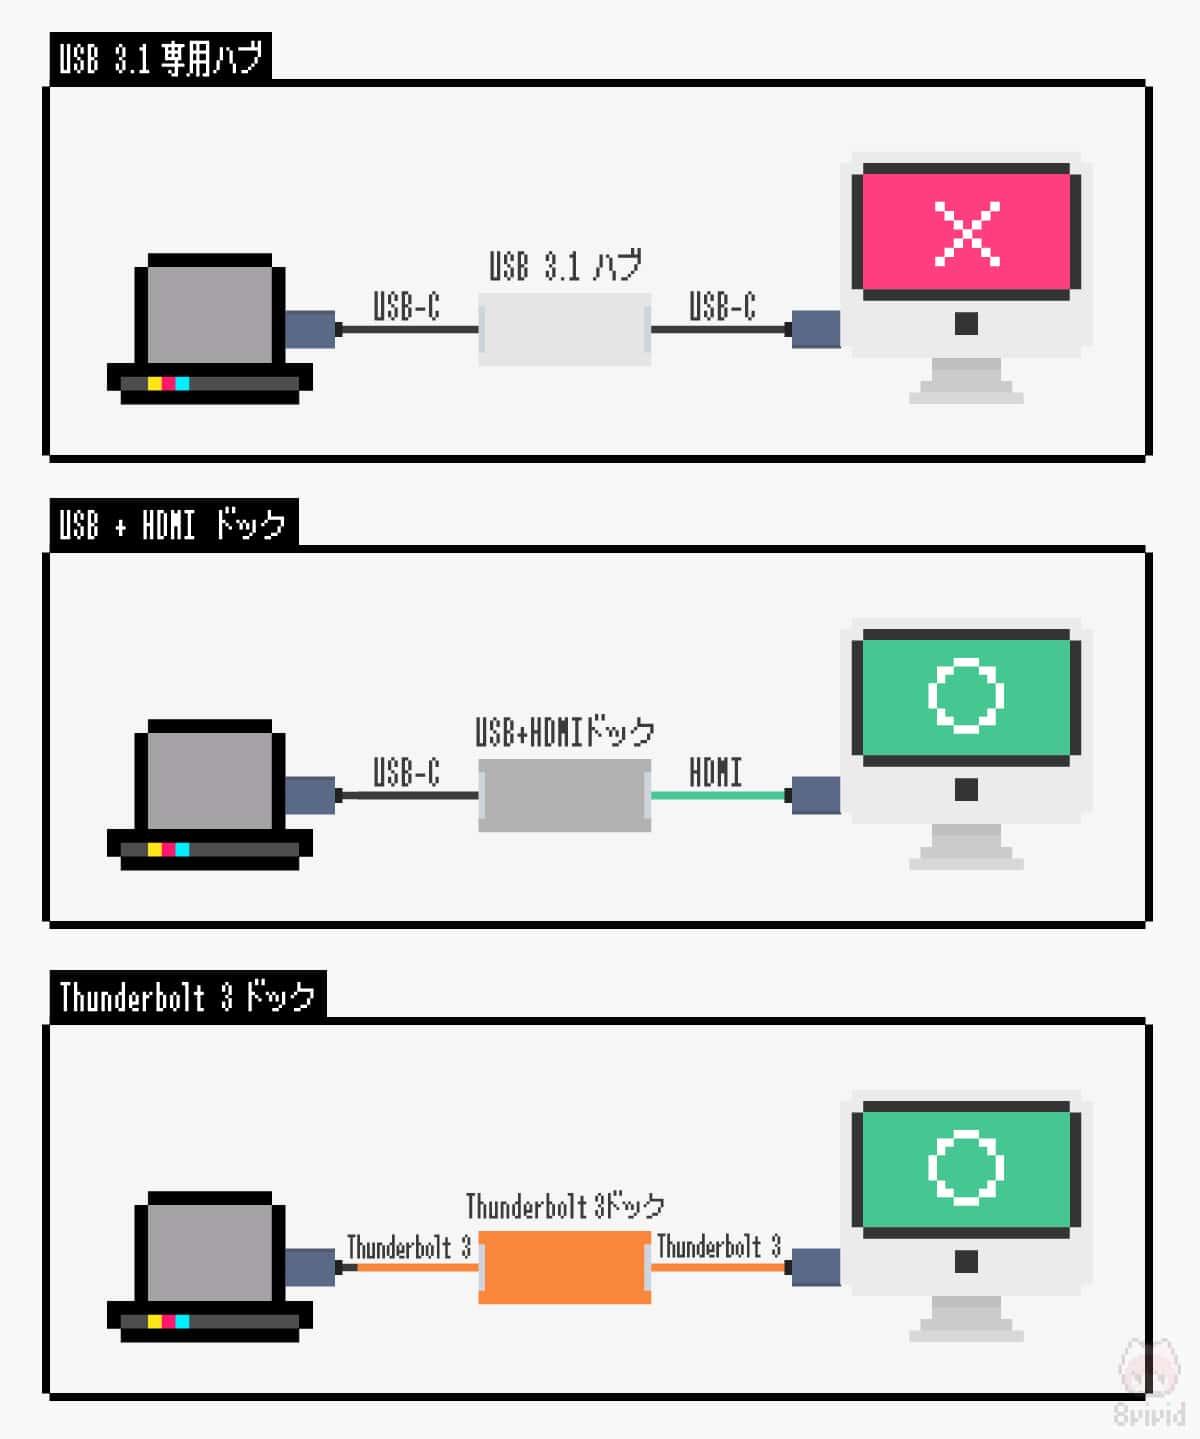 映像出力をする際は、USBハブやドッキングステーションを要チェック。